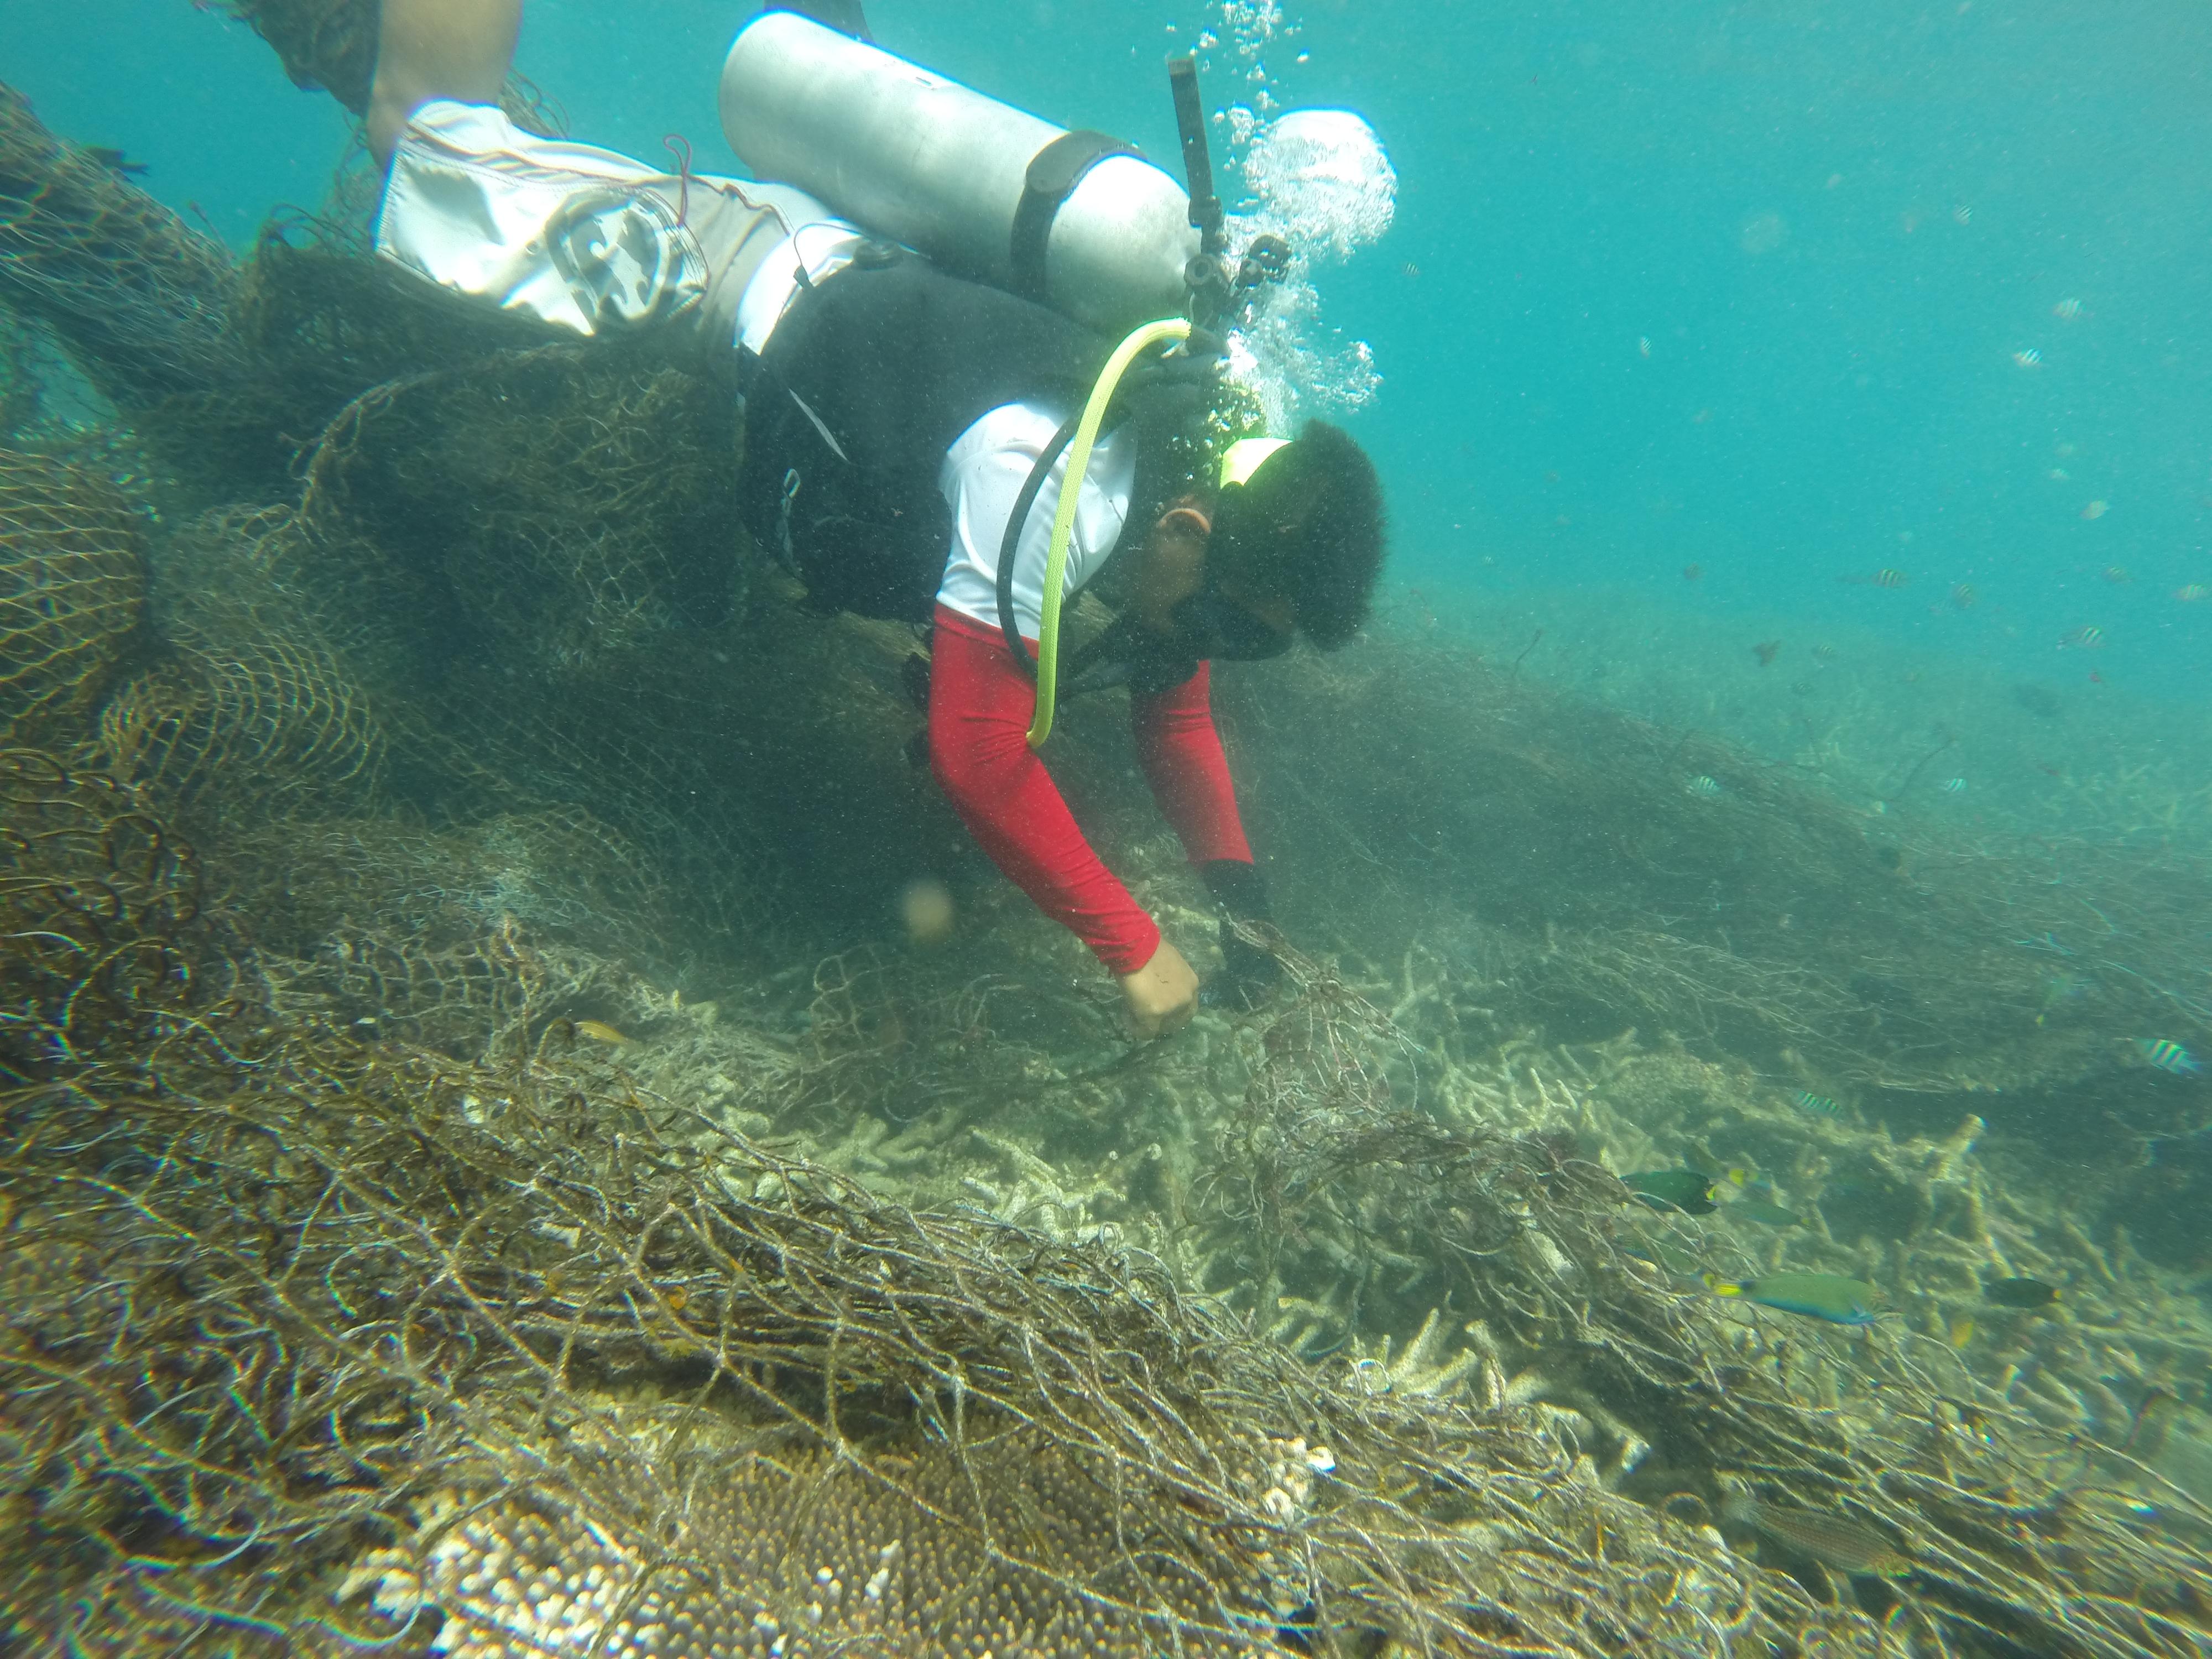 Choking coral